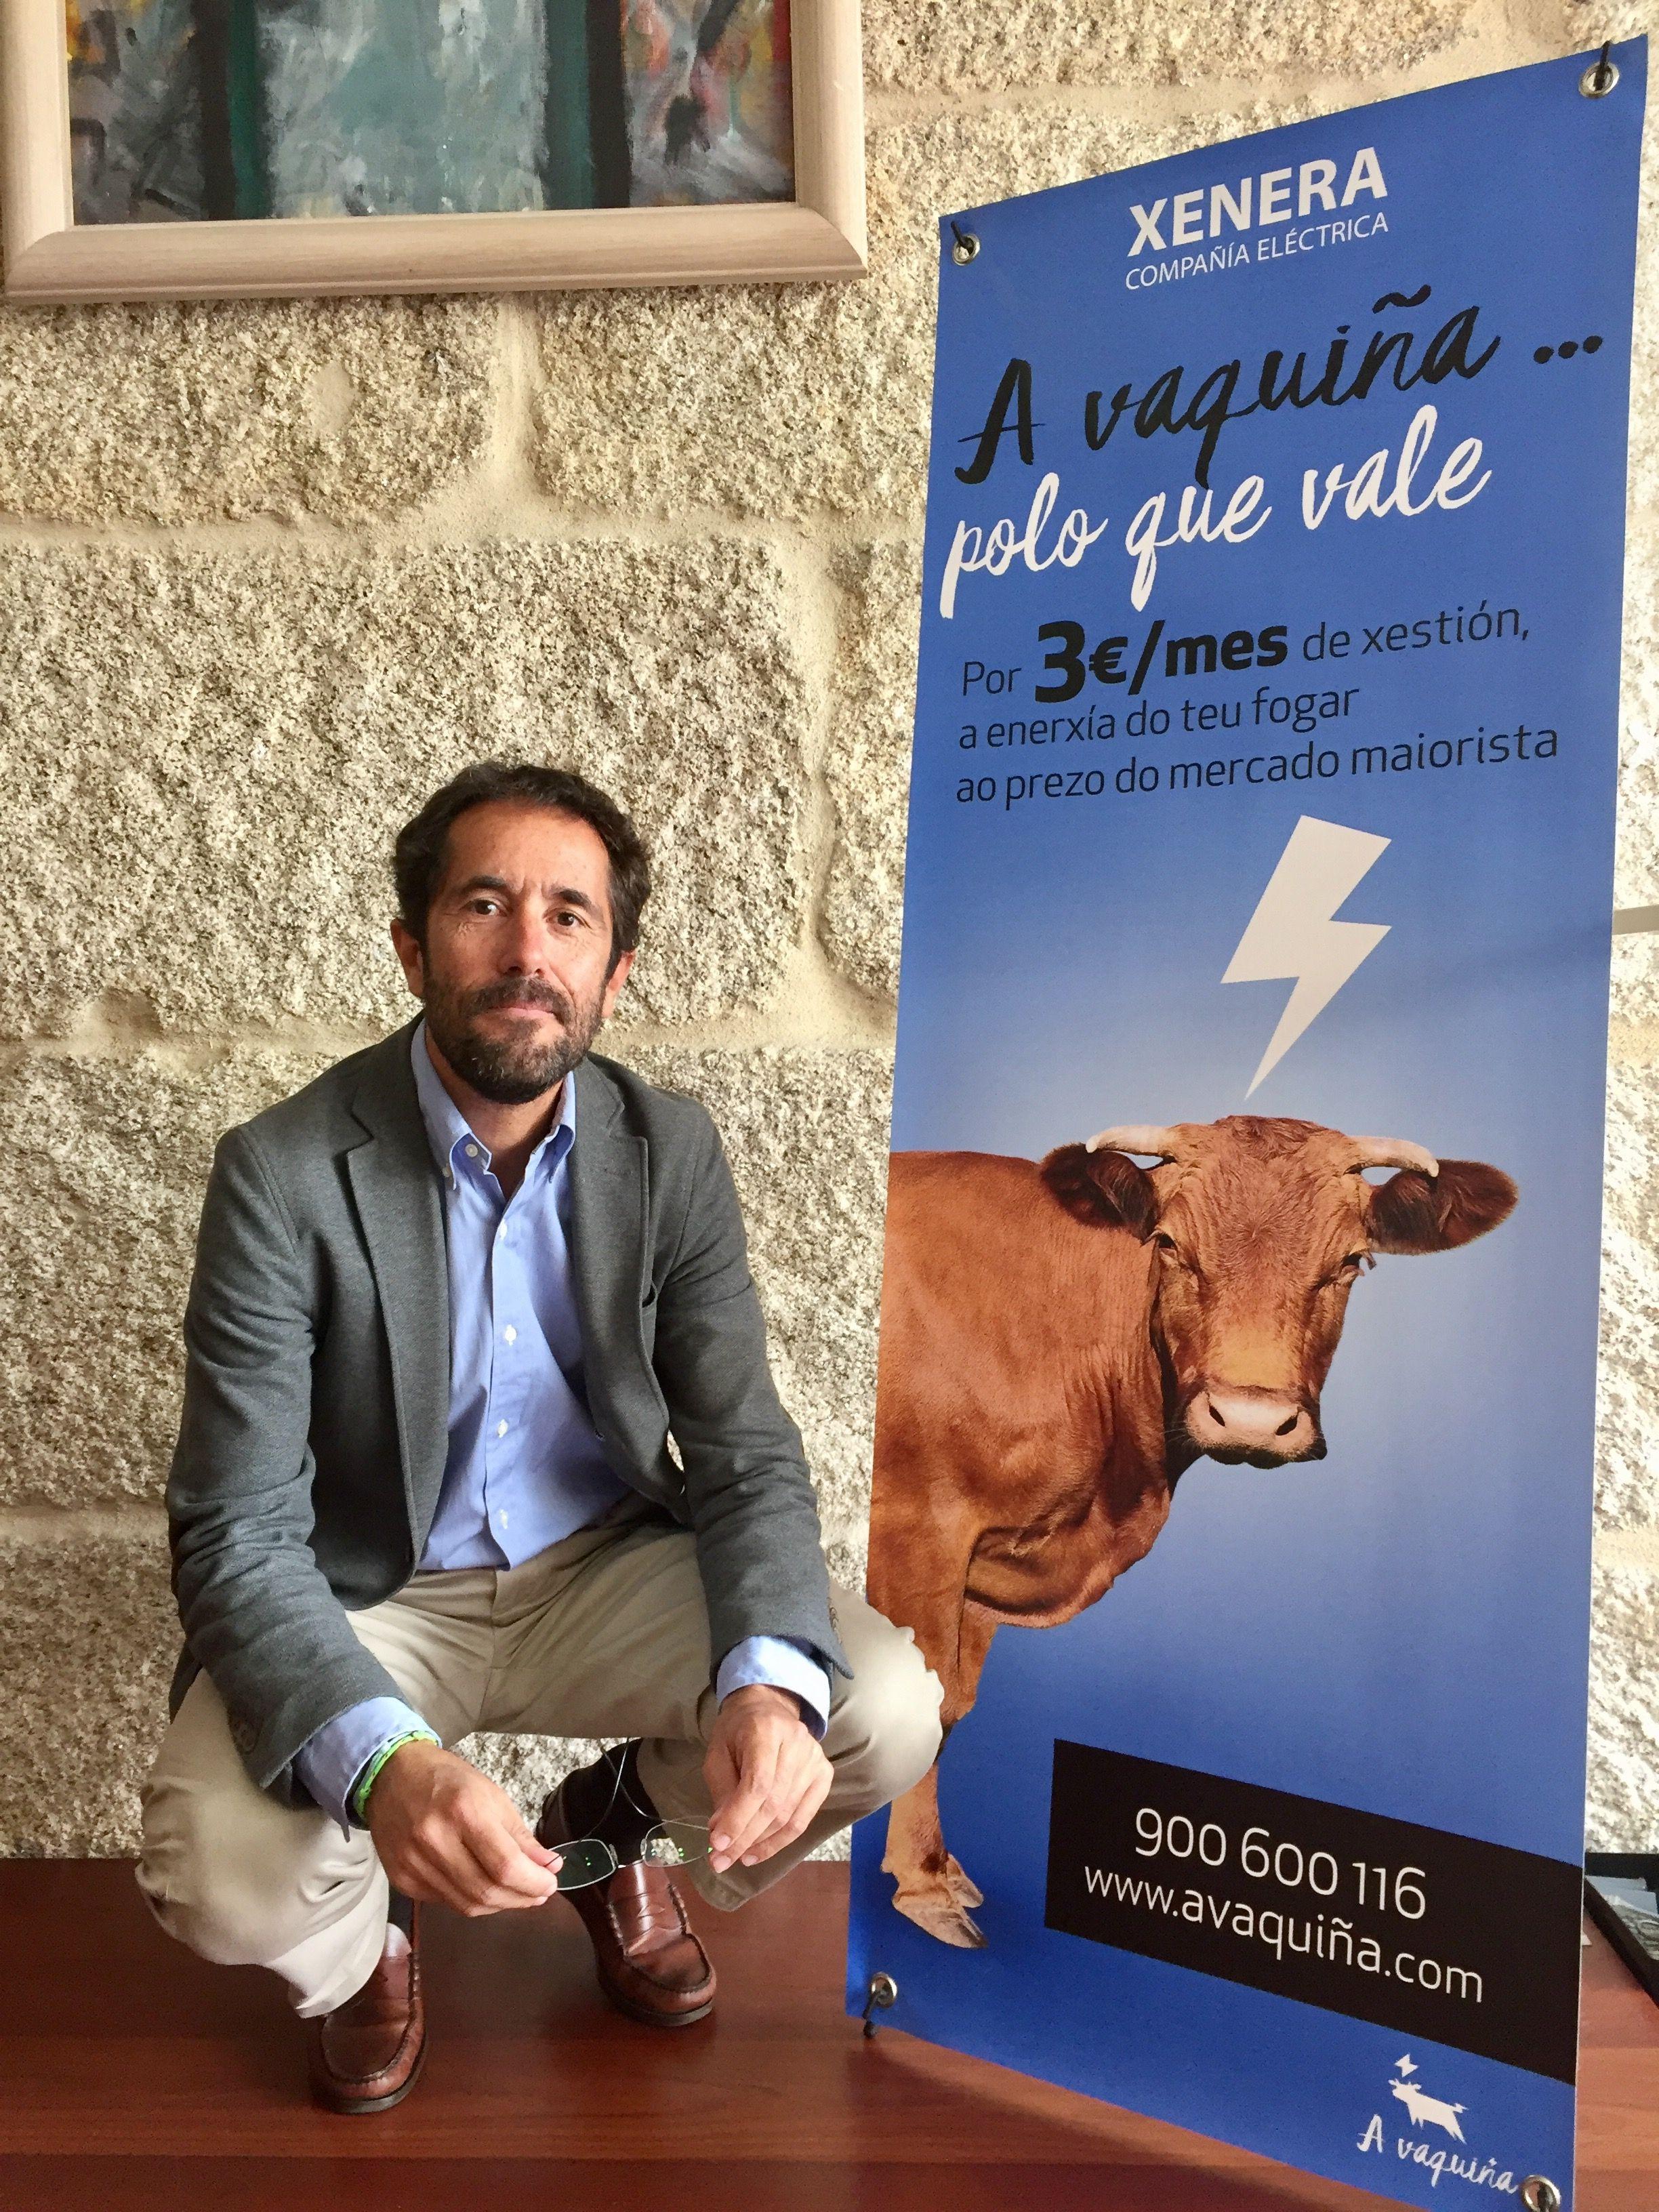 XENERA merca a eléctrica extremeña SERFSA | A Vaquiña sale Barata